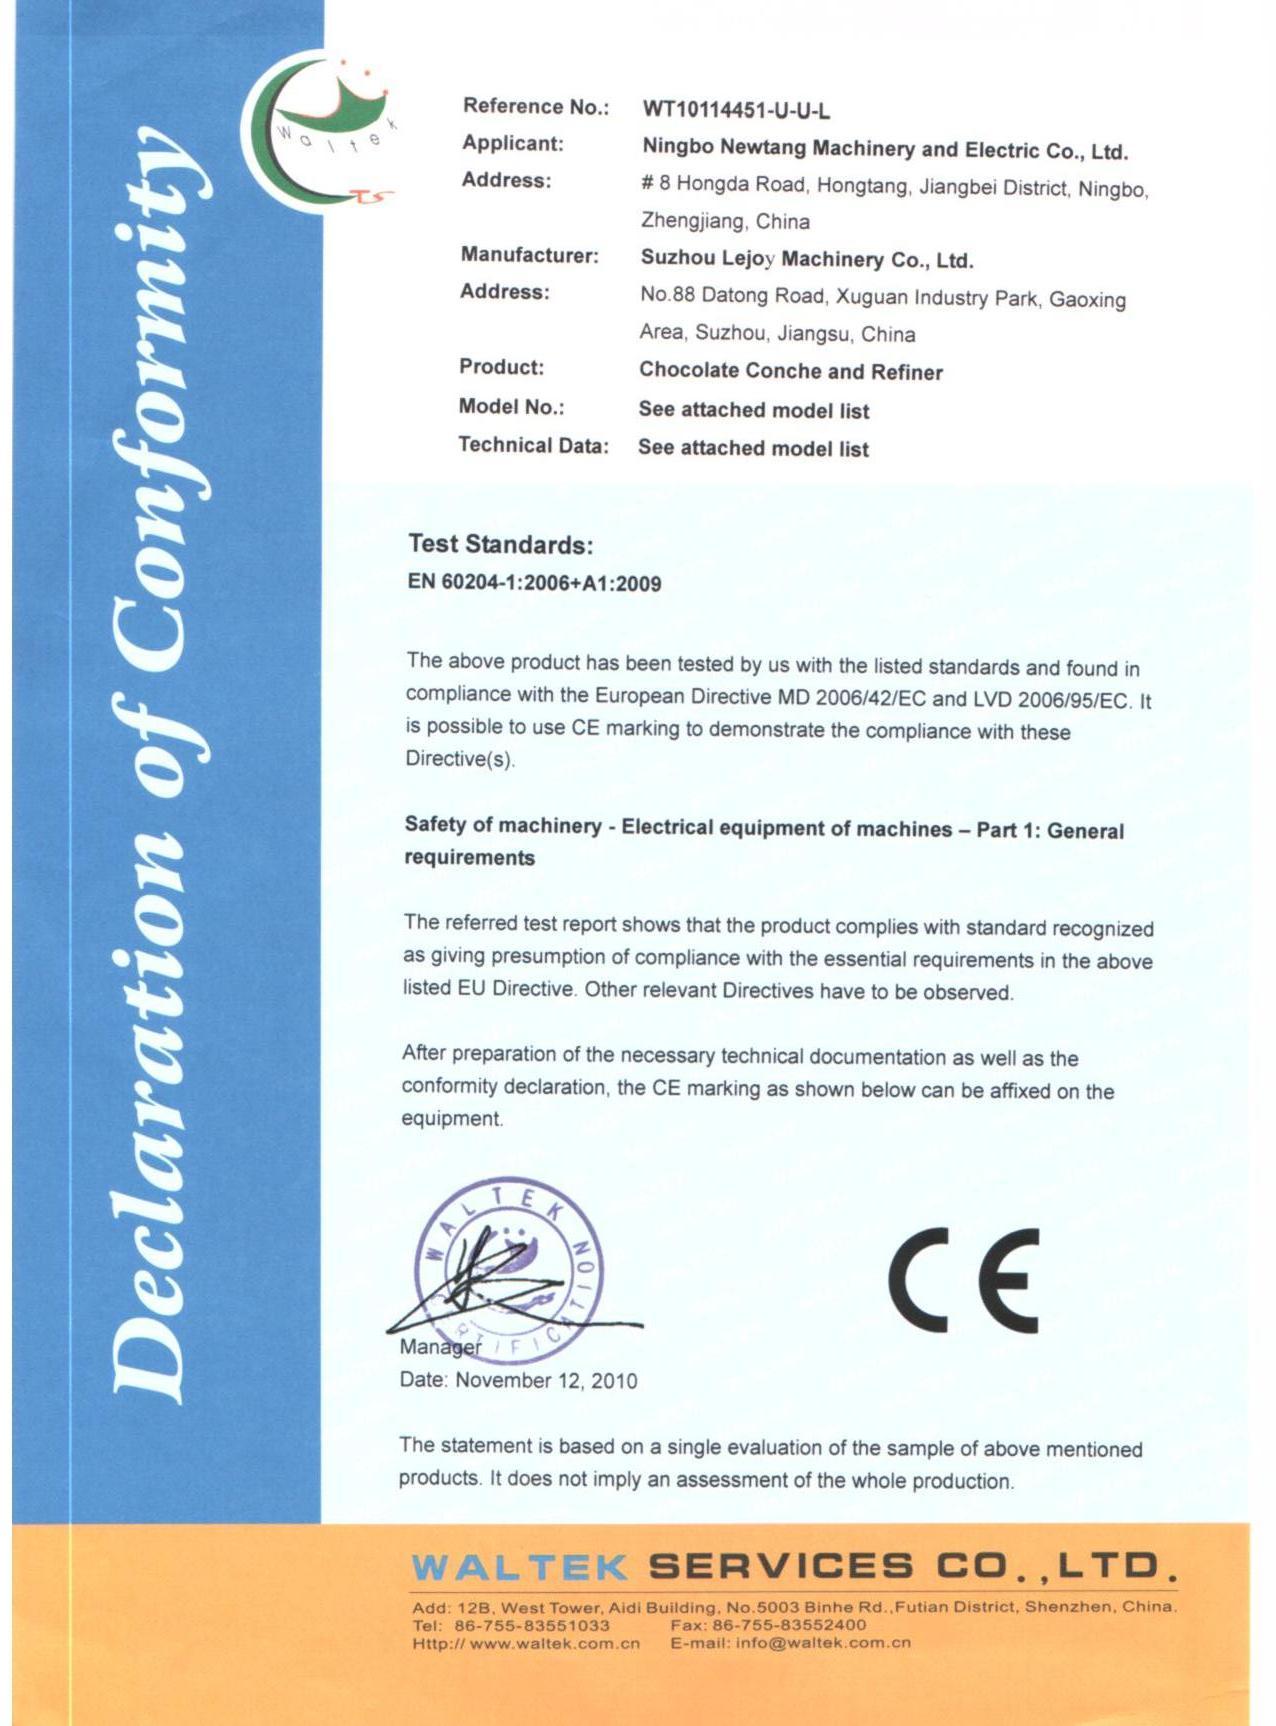 Declaration of Conformity(CE)